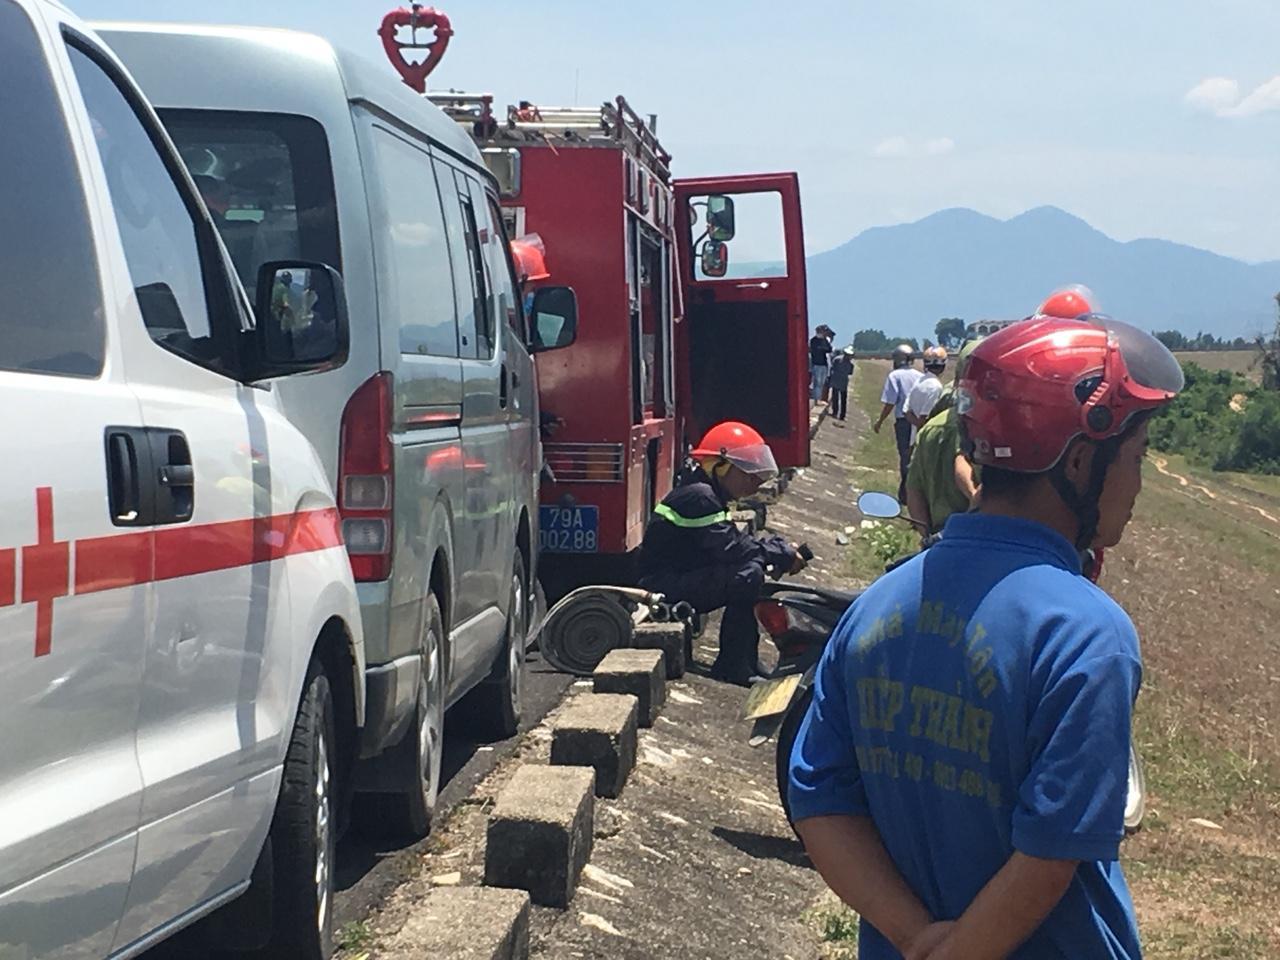 CLIP: Hiện trường vụ rơi máy bay ở Khánh Hòa, 2 phi công tử nạn Ảnh 4